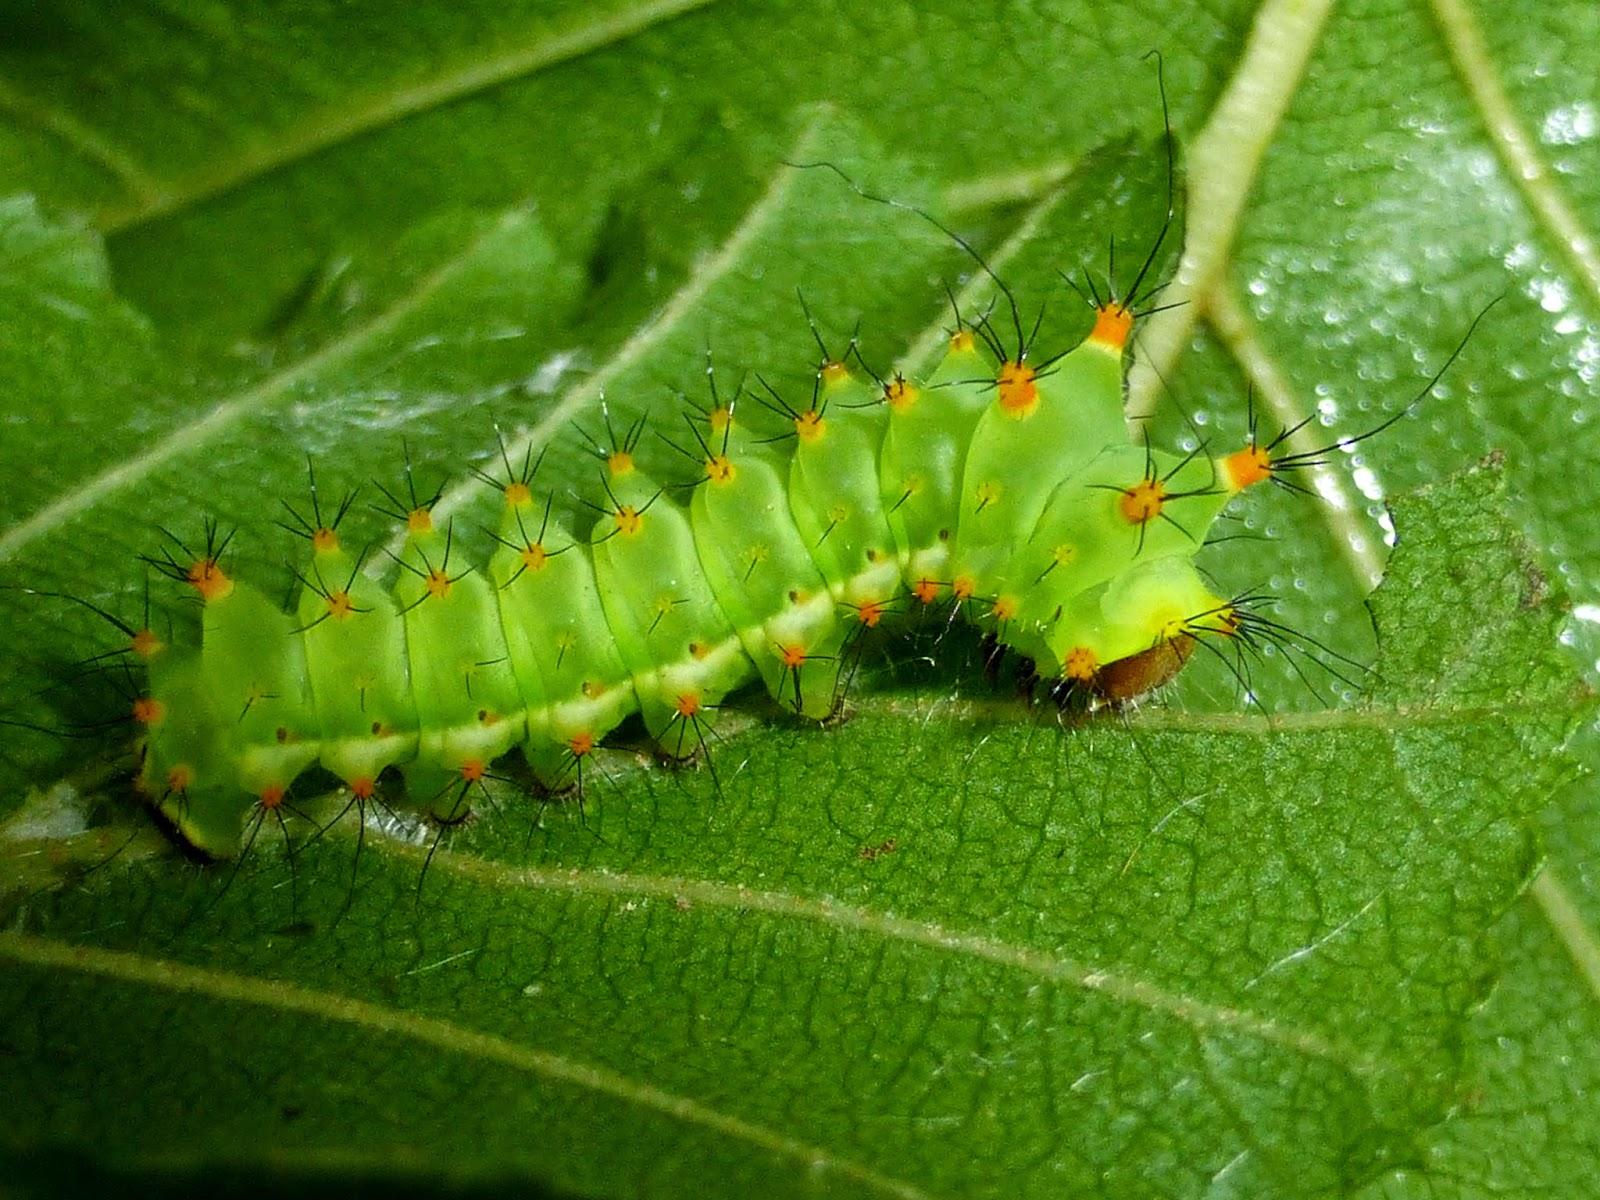 Actias sjoeqvisti L3 caterpillar